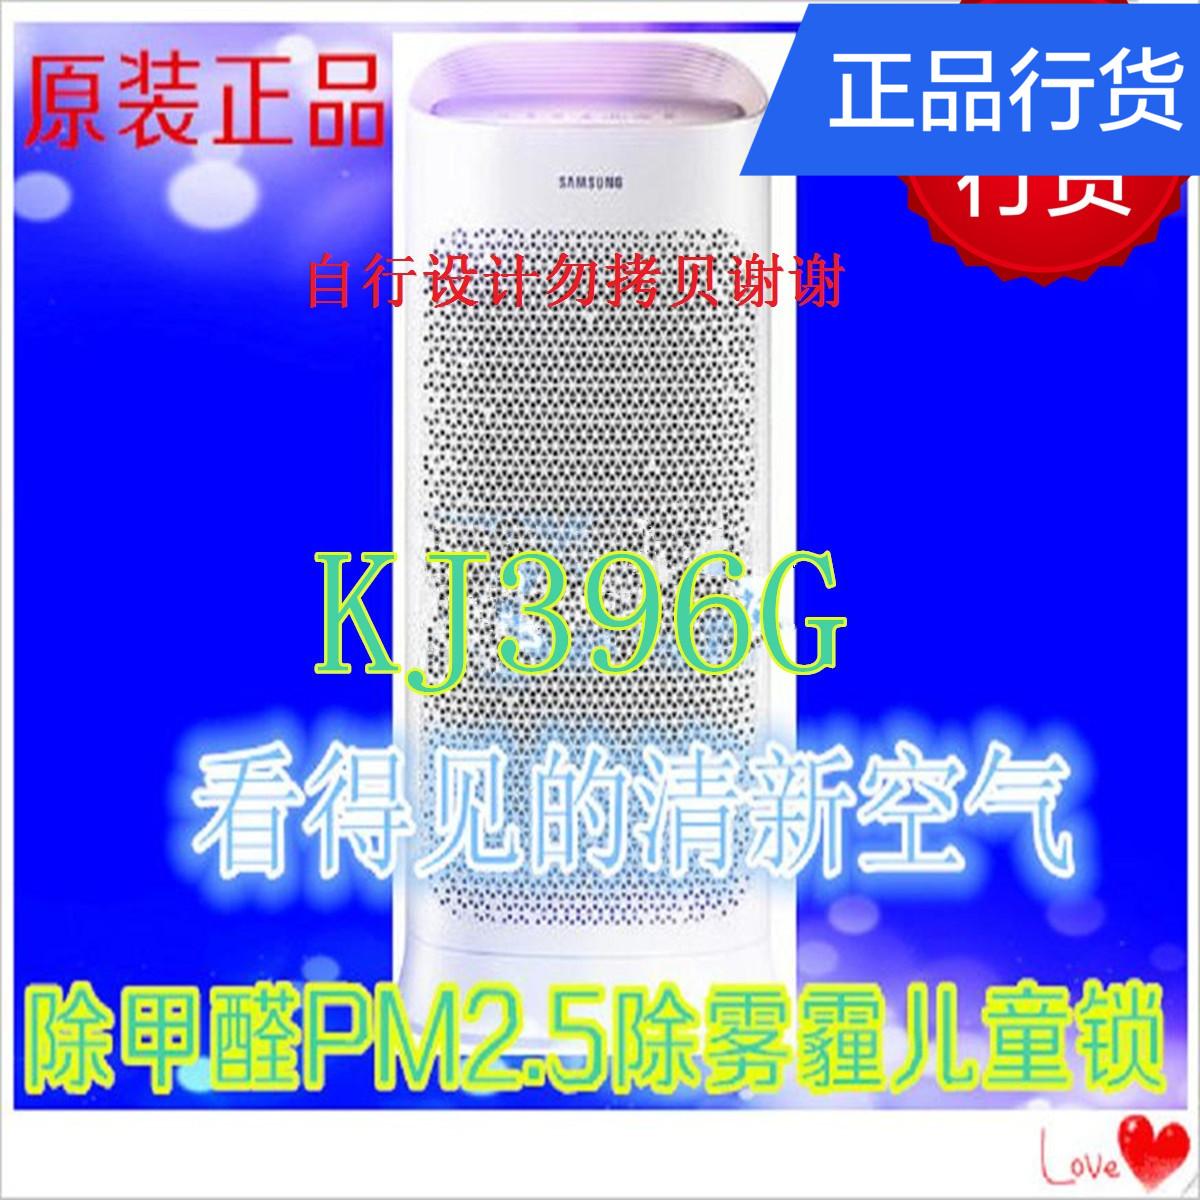 [金美合信科技商城空气净化,氧吧]三星空气净化器KJ396G-k505月销量0件仅售2087元